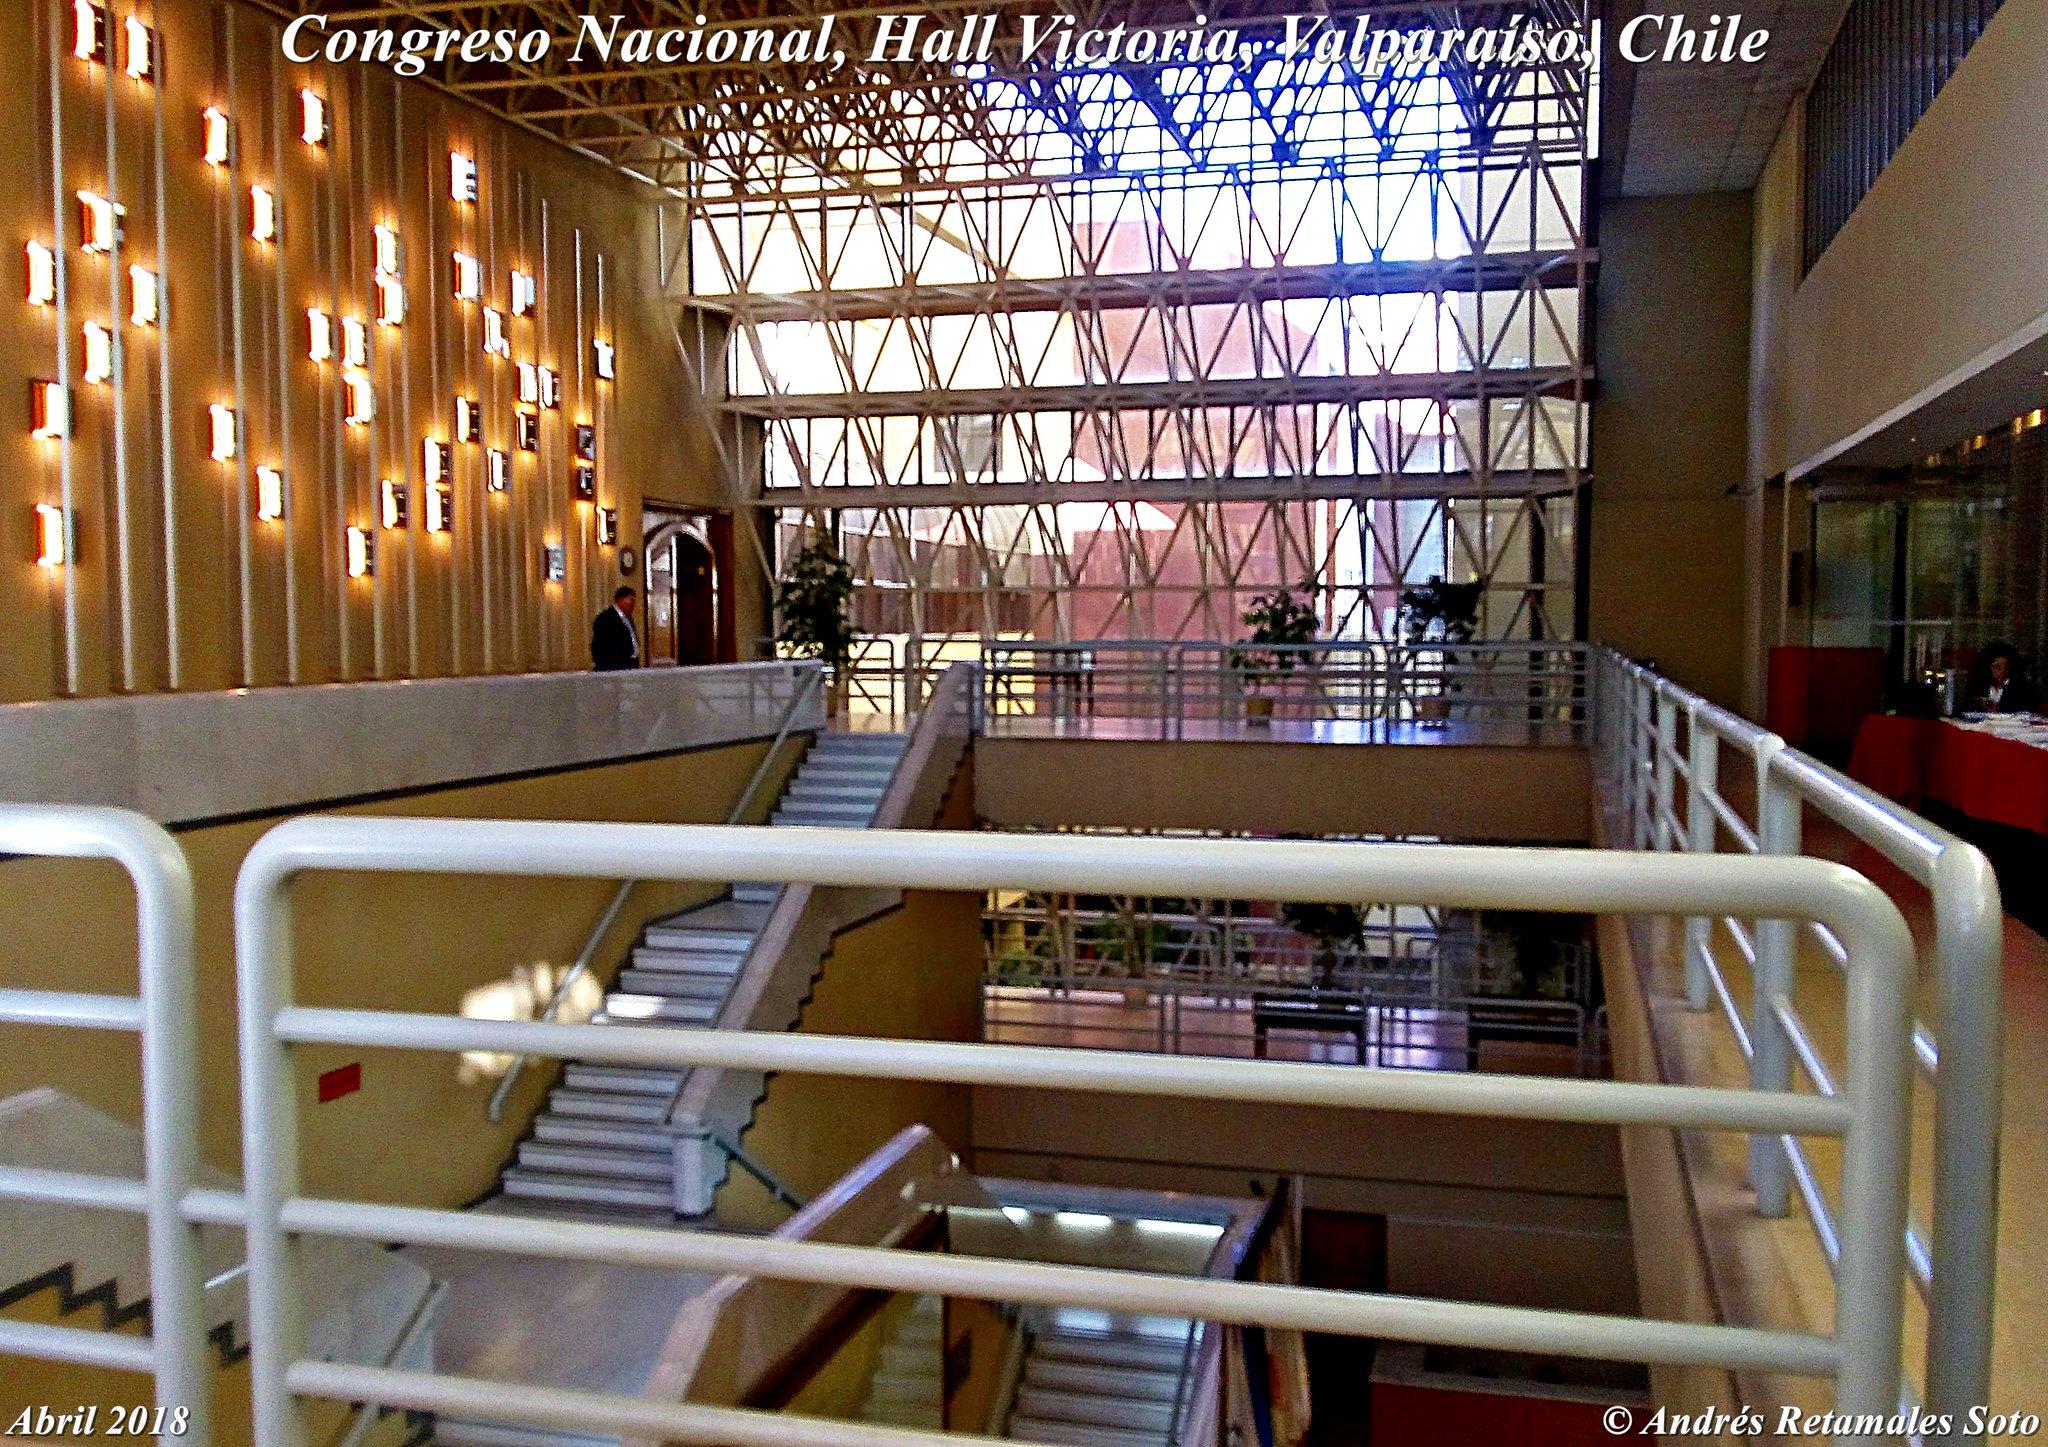 Congreso Nacional, Hall Victoria, Valparaíso, Chile, abril 2018